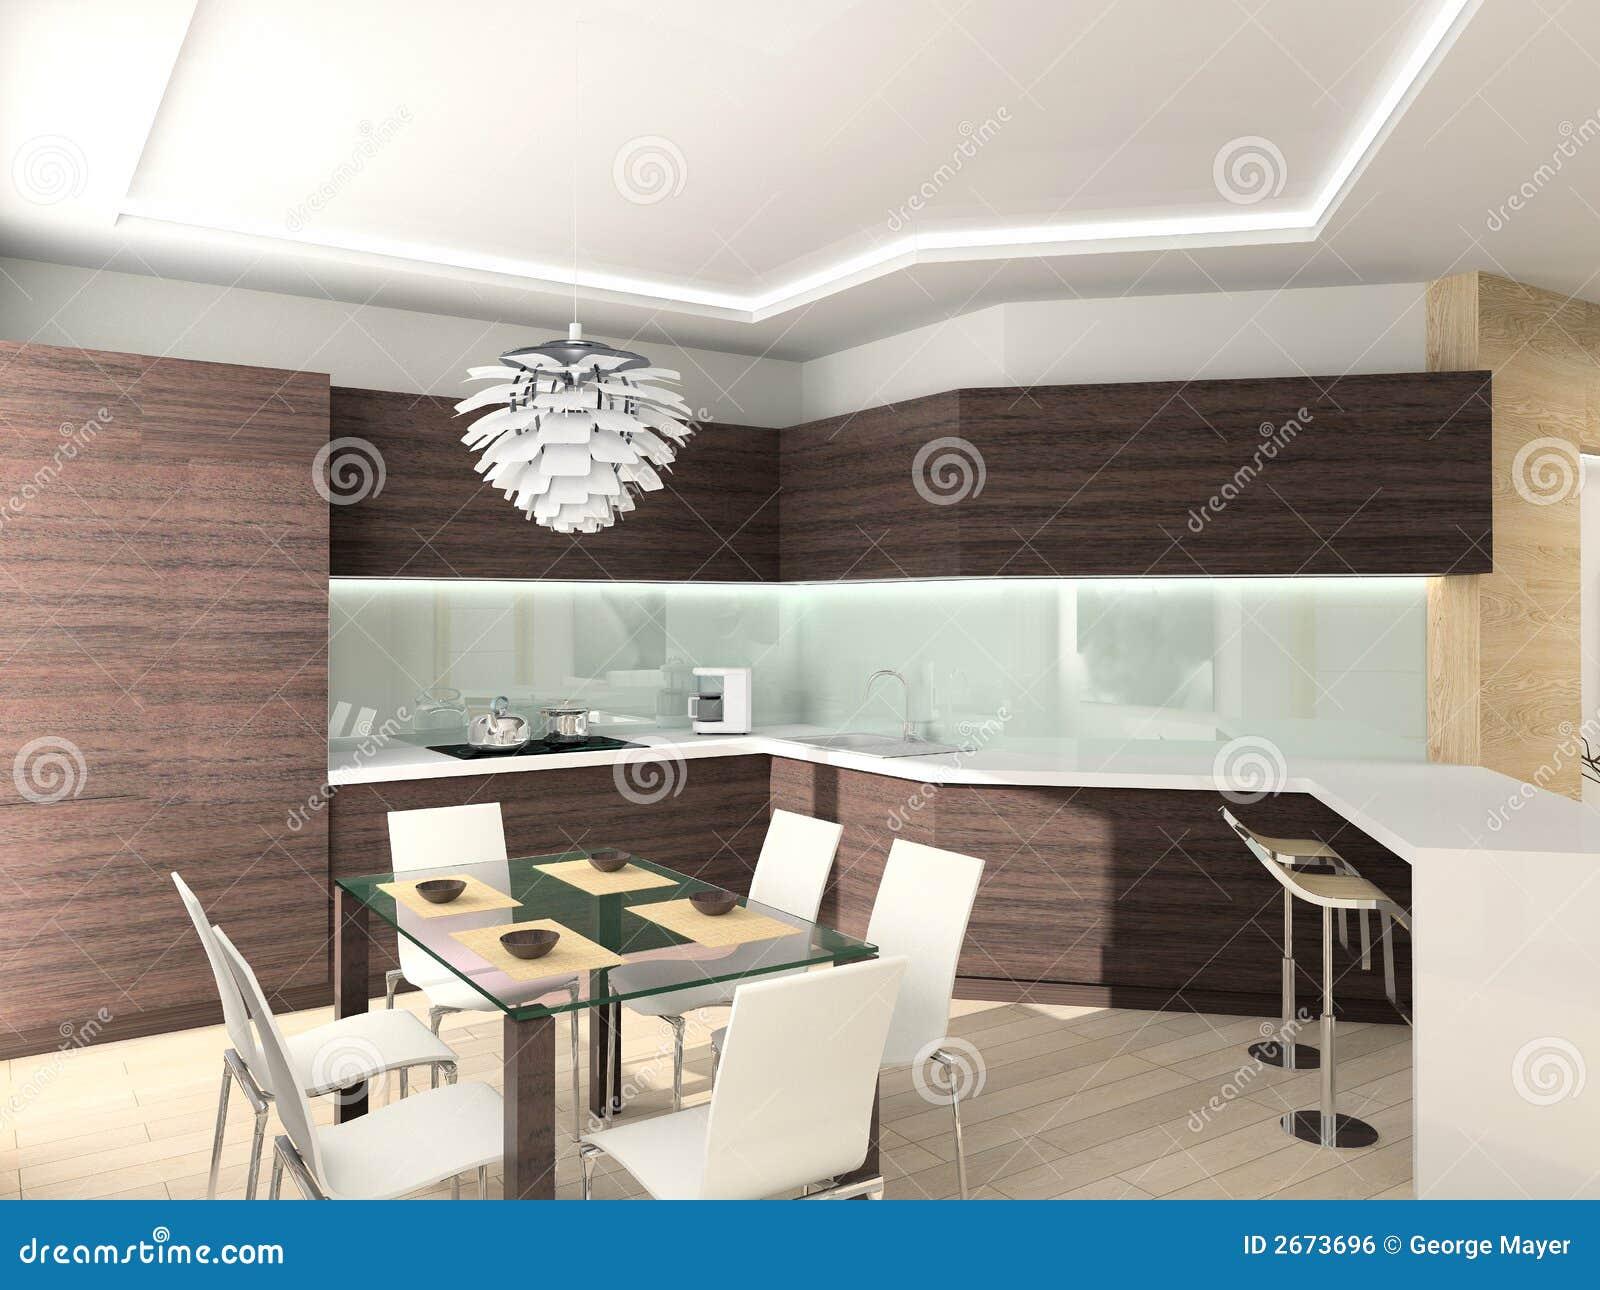 Legno antico rivestimento pareti for Cucina moderna quadrata